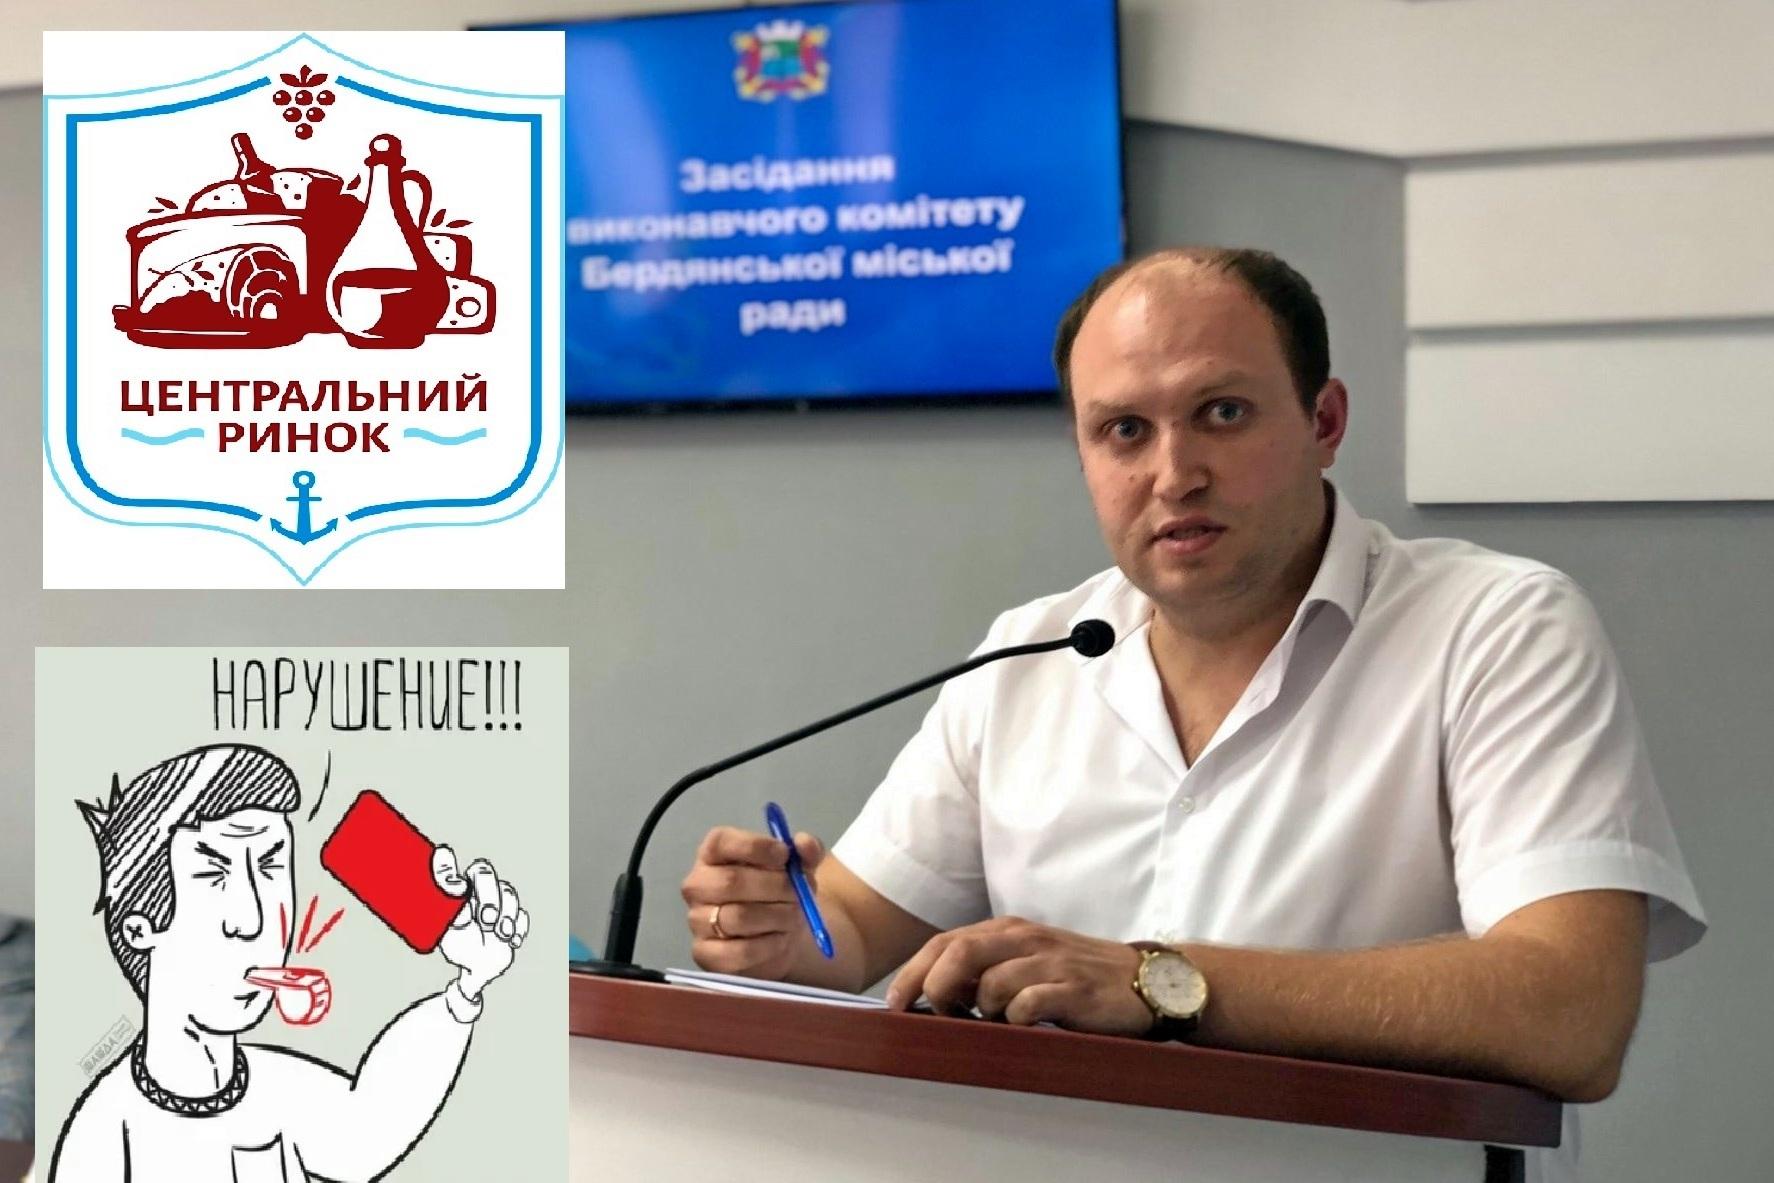 Read more about the article Исполкомовская проверка выявила многочисленные нарушения на «Центральном рынке»